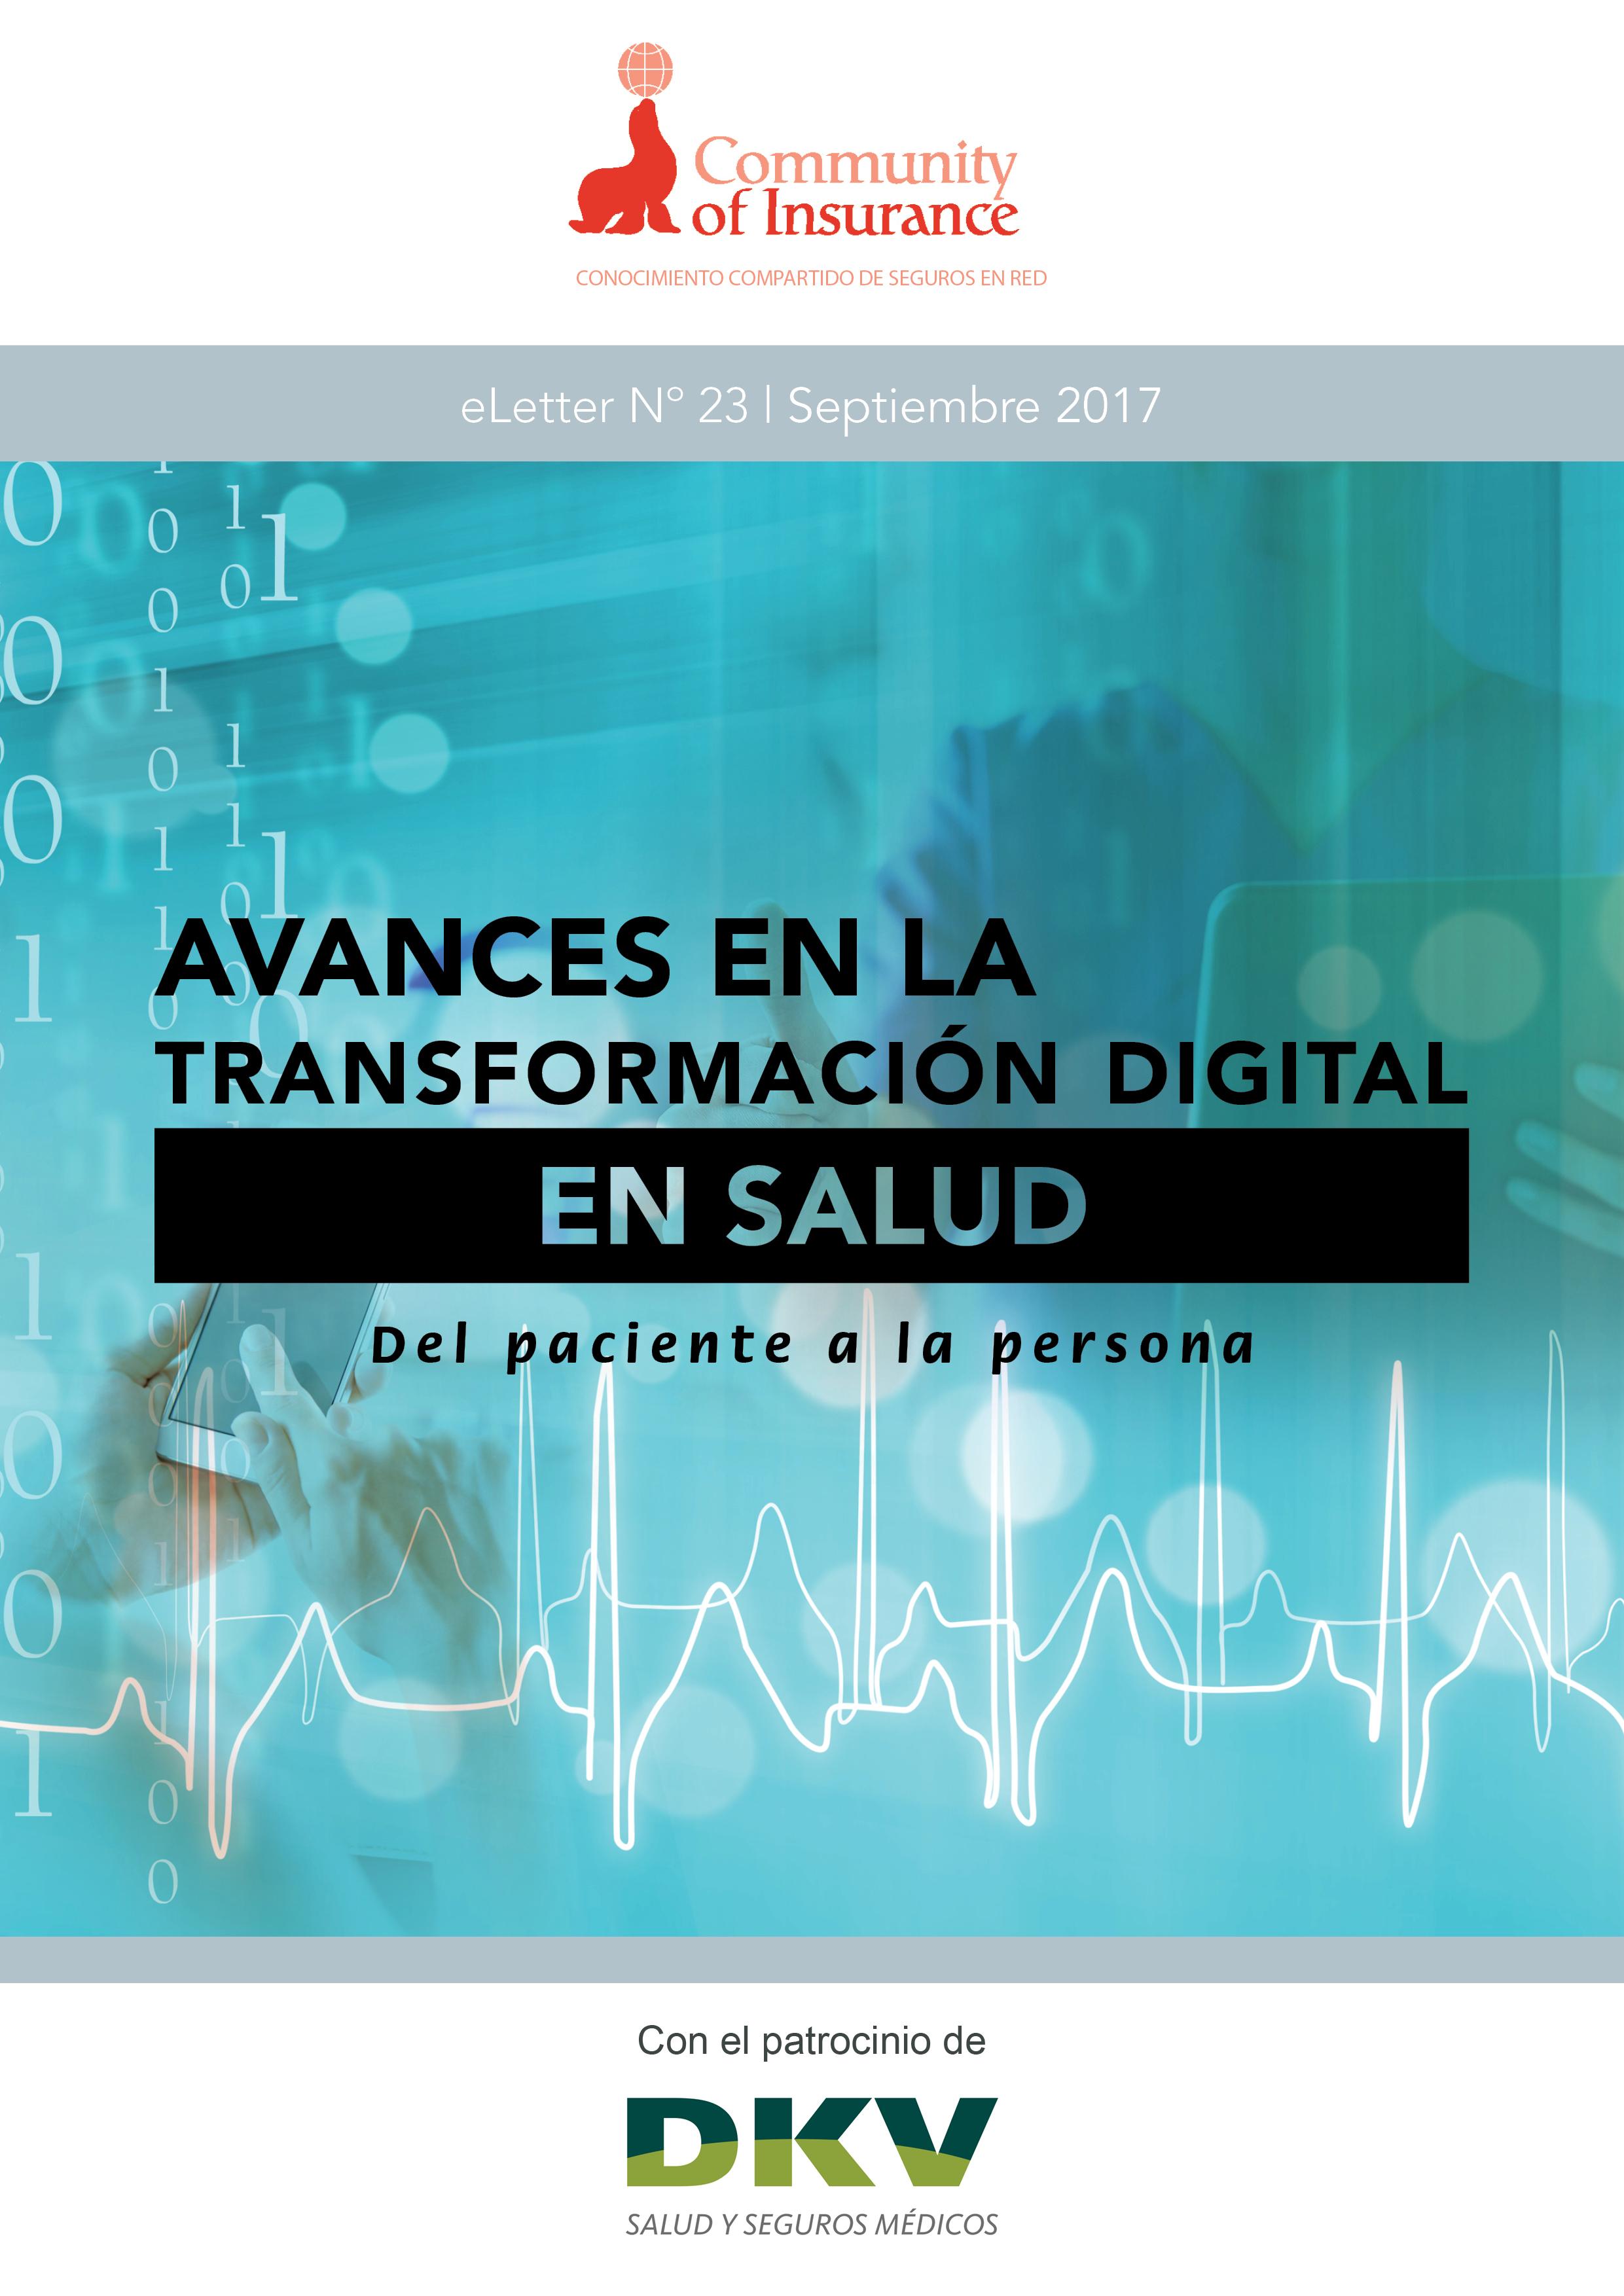 eLetter Nº 23 | Septiembre 2017 Avances en la transformación digital en salud